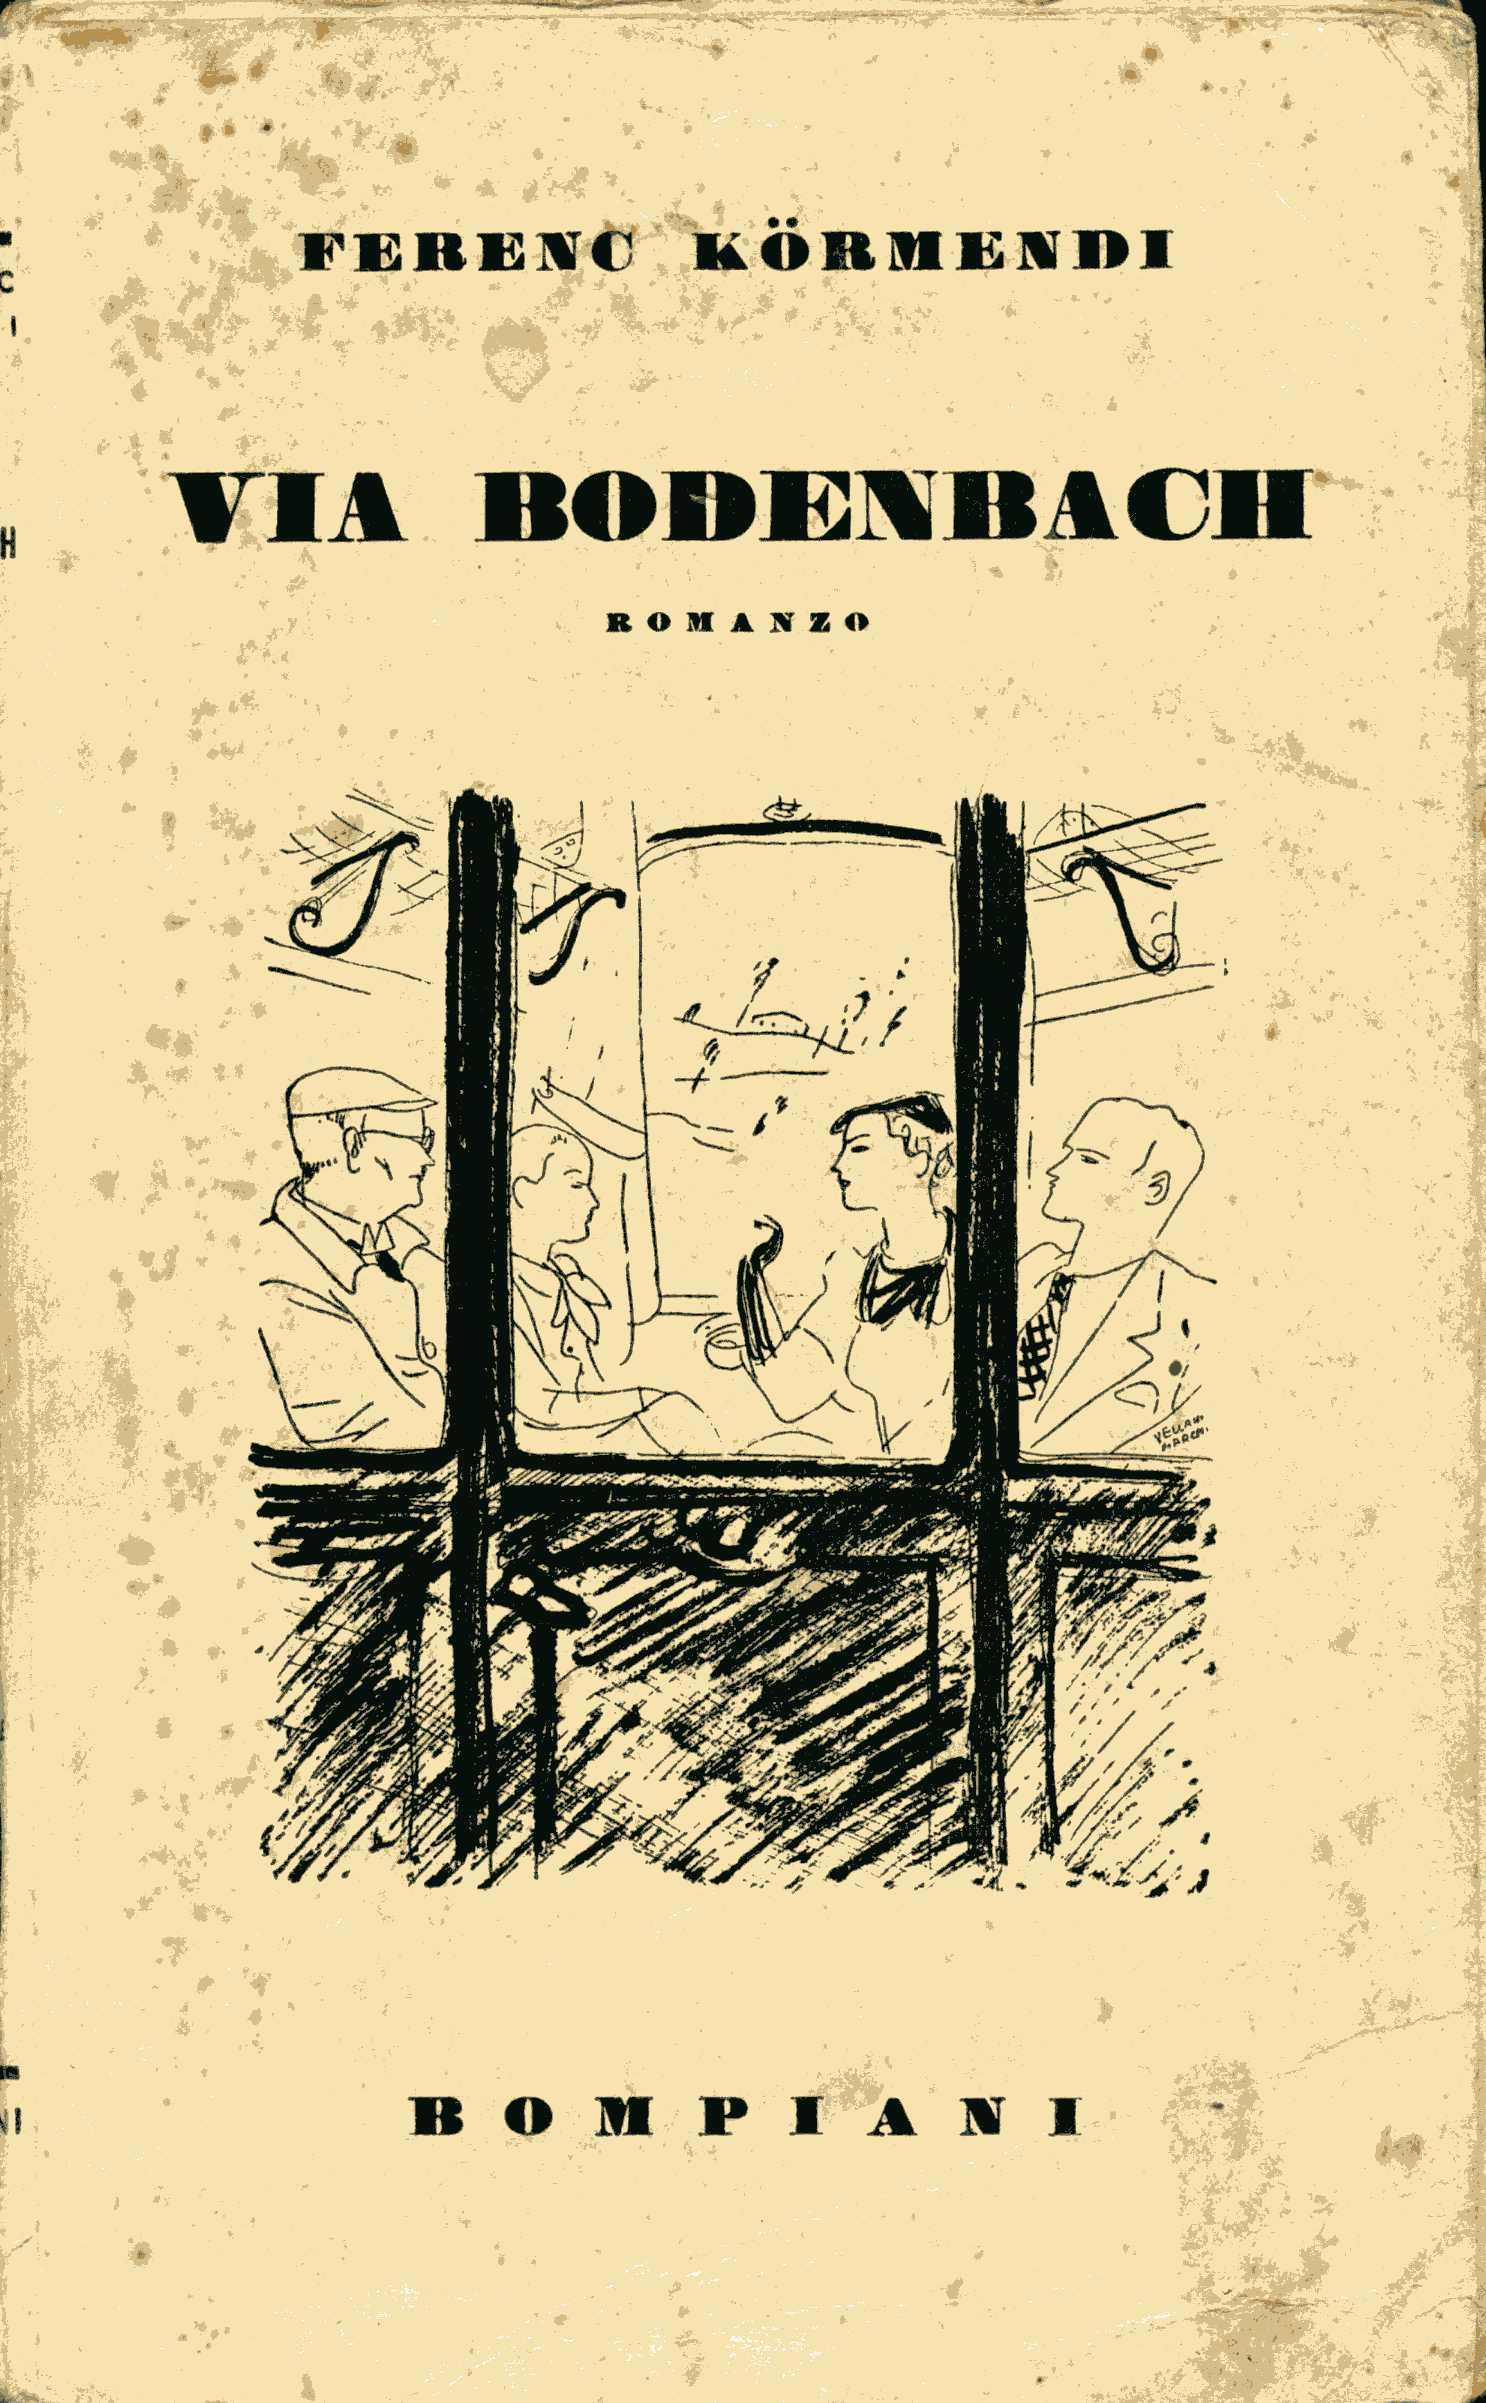 Via Bodenbach